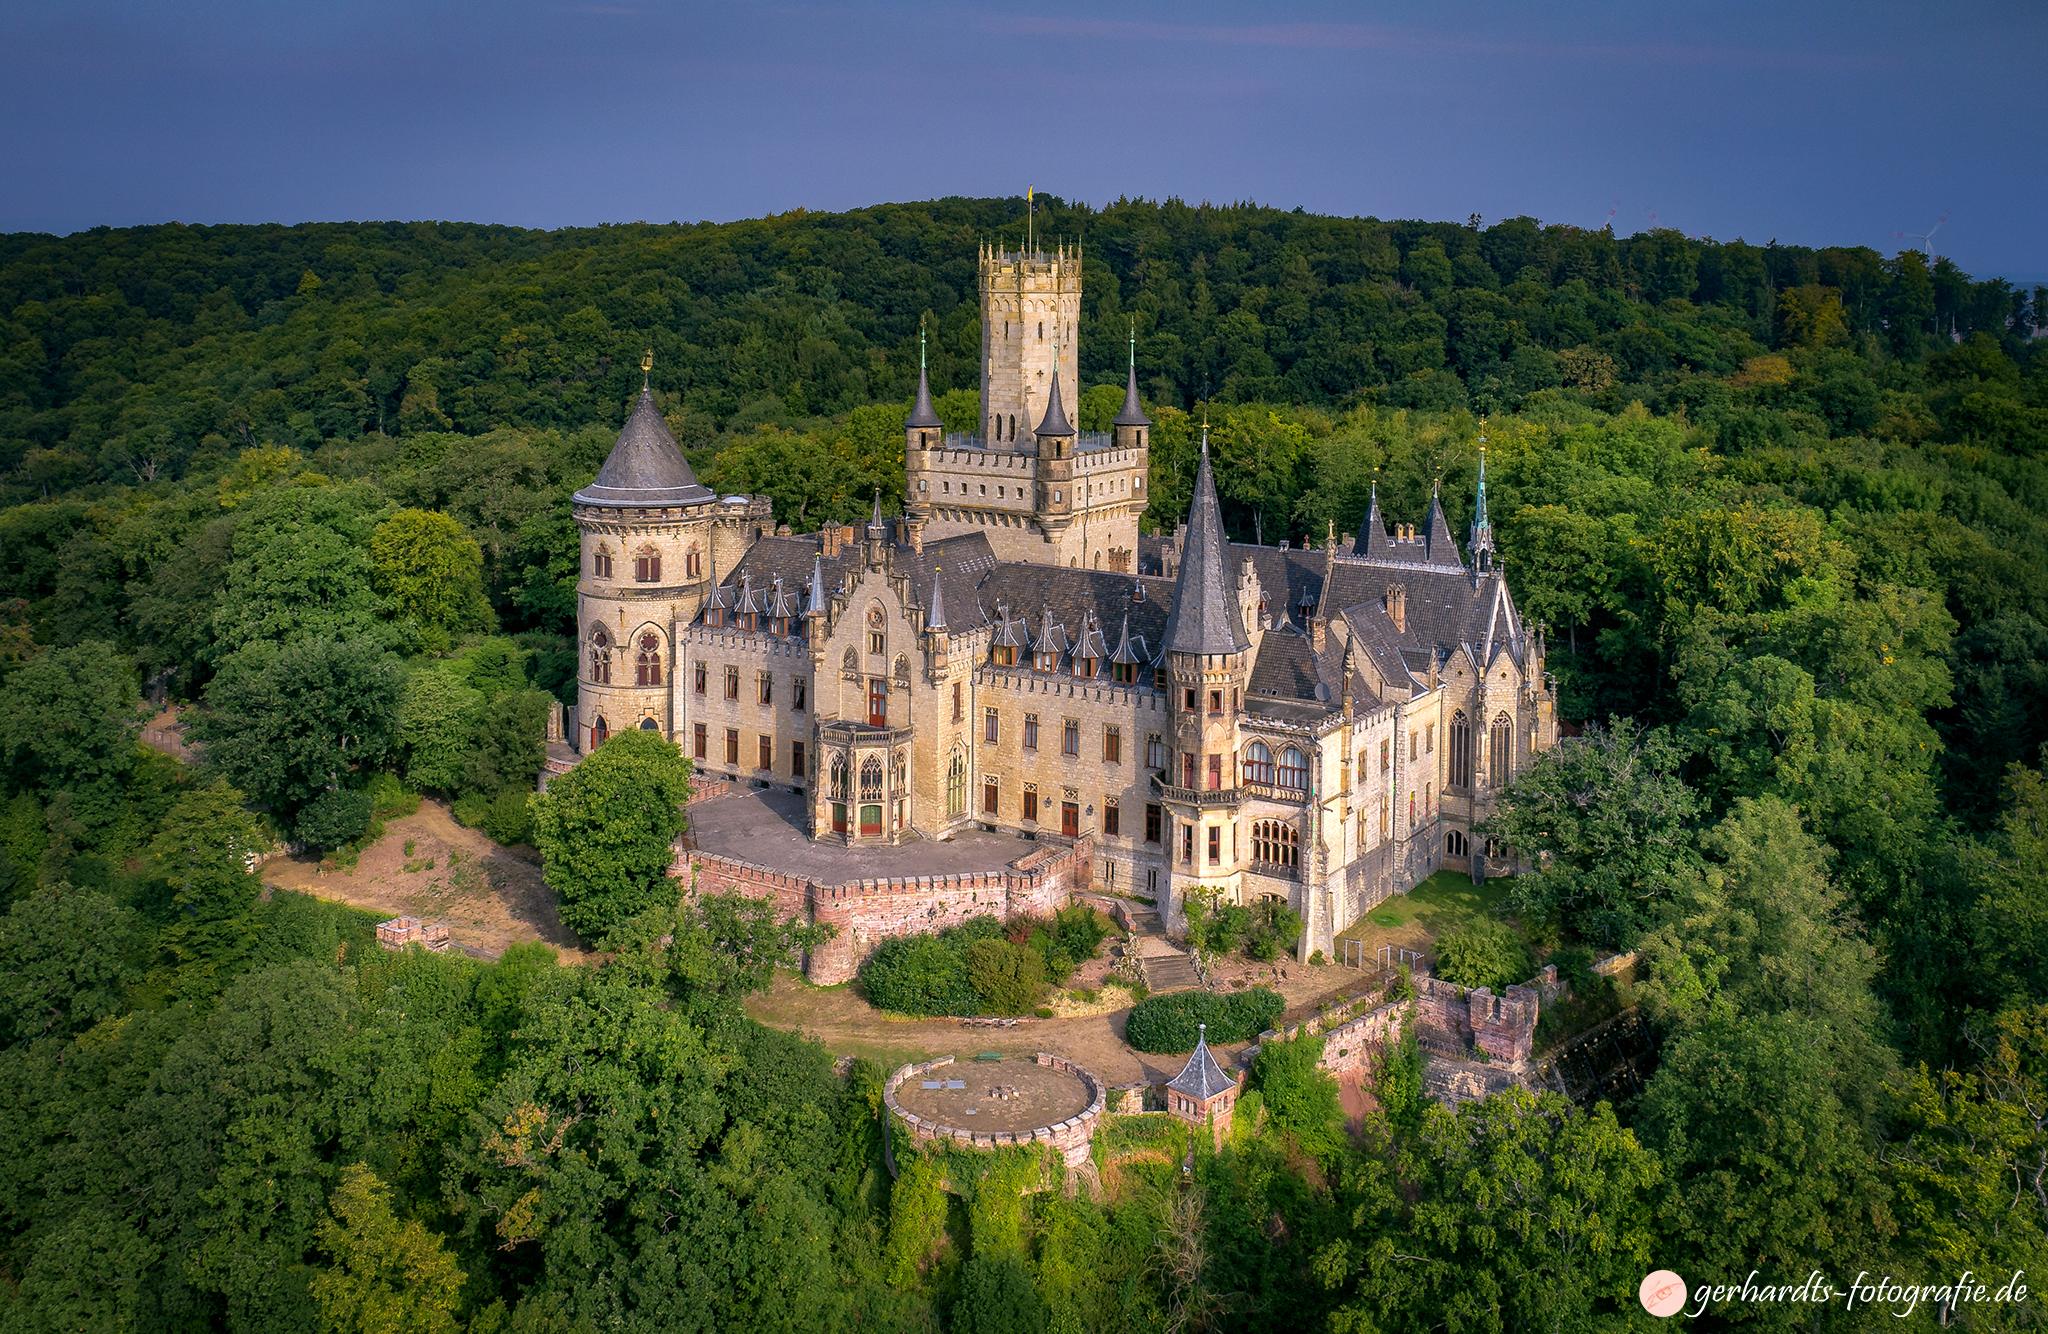 Schloss Marienburg Hannover Luftbildfotografie Göttingen